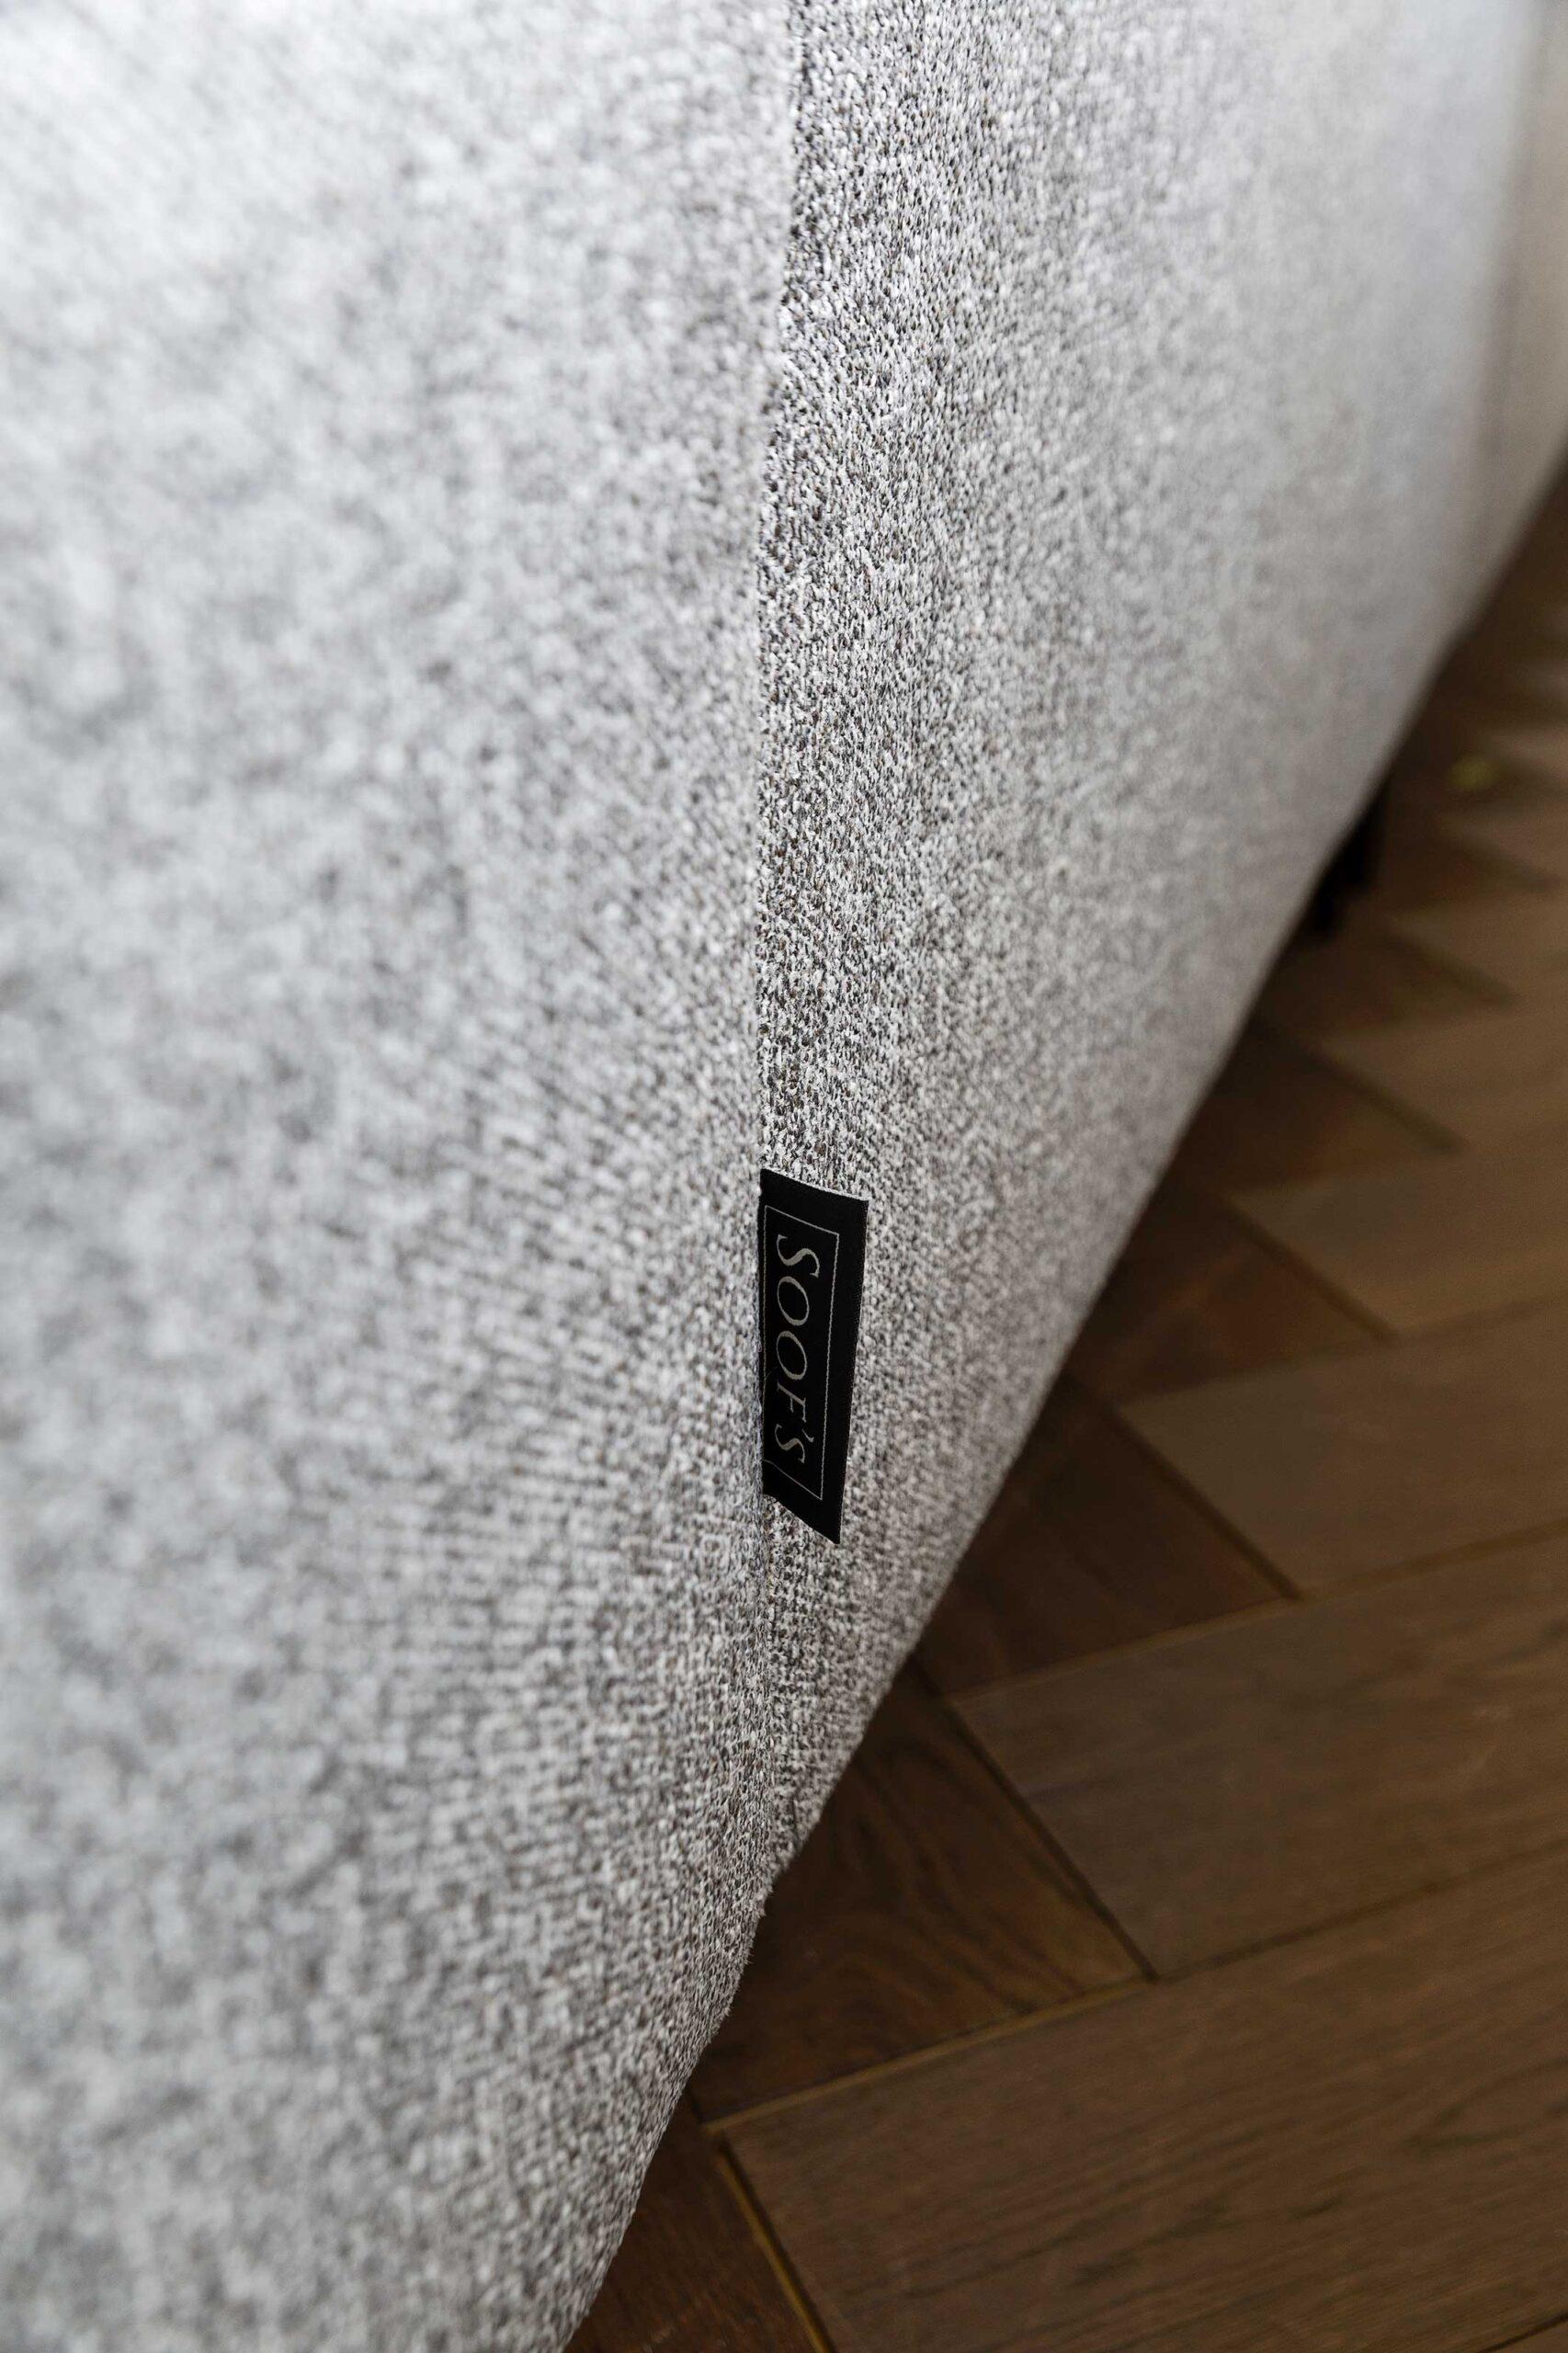 bella-milano-bankstel-met-soofs-logo-soofs-interieur